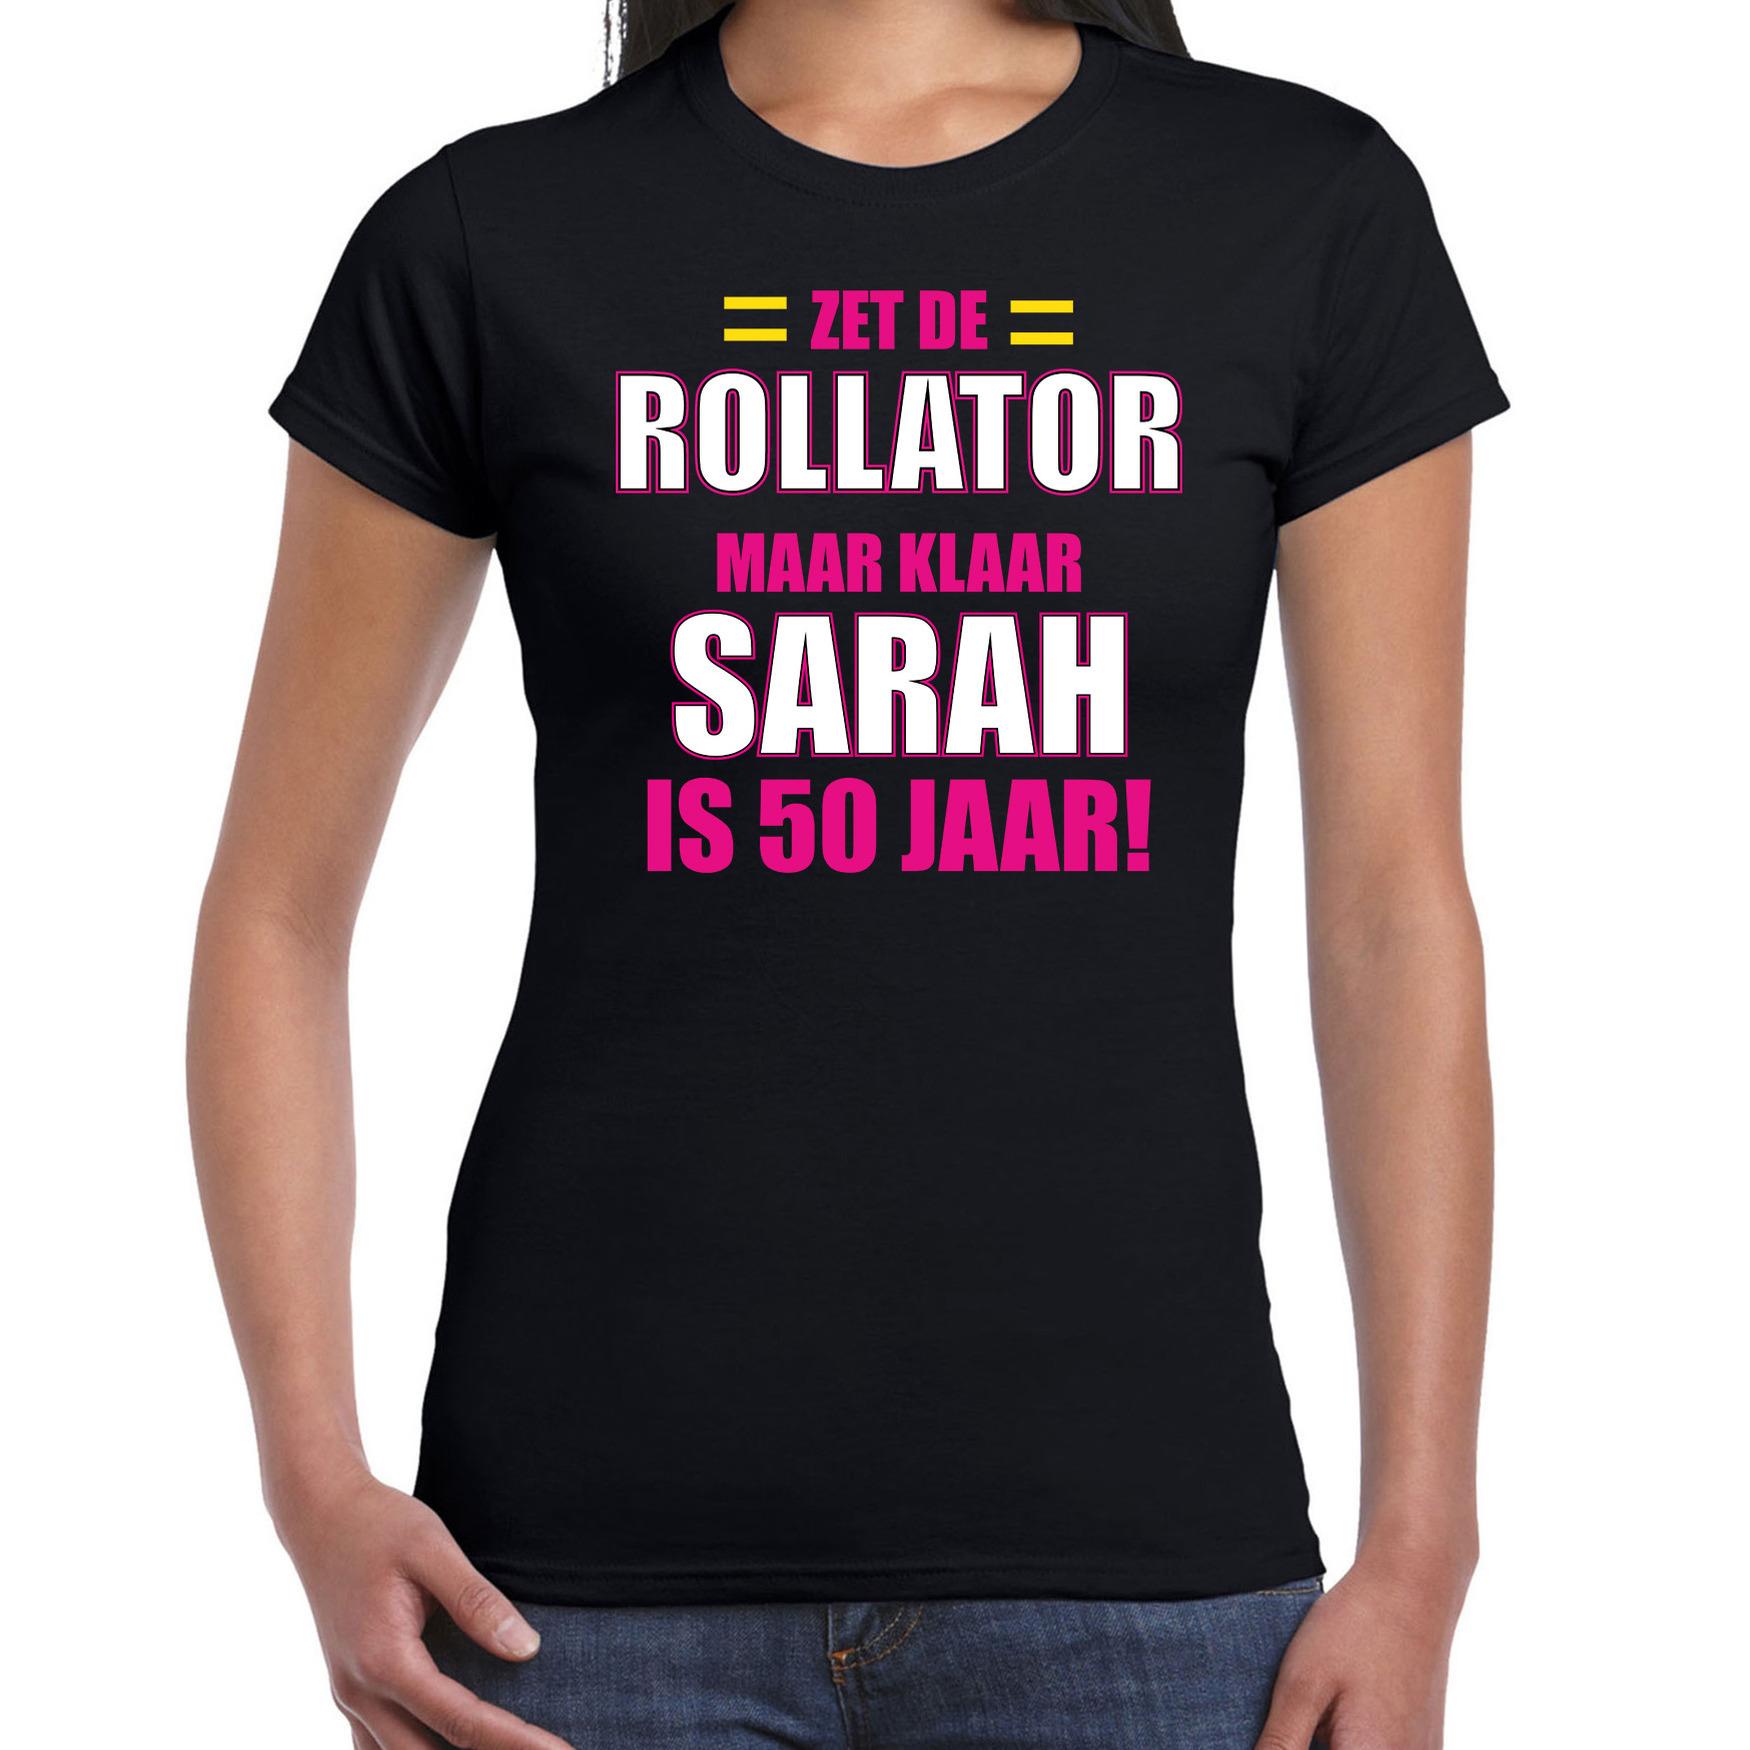 Verjaardag cadeau t-shirt rollator 50 jaar Sarah zwart voor dames 2XL -